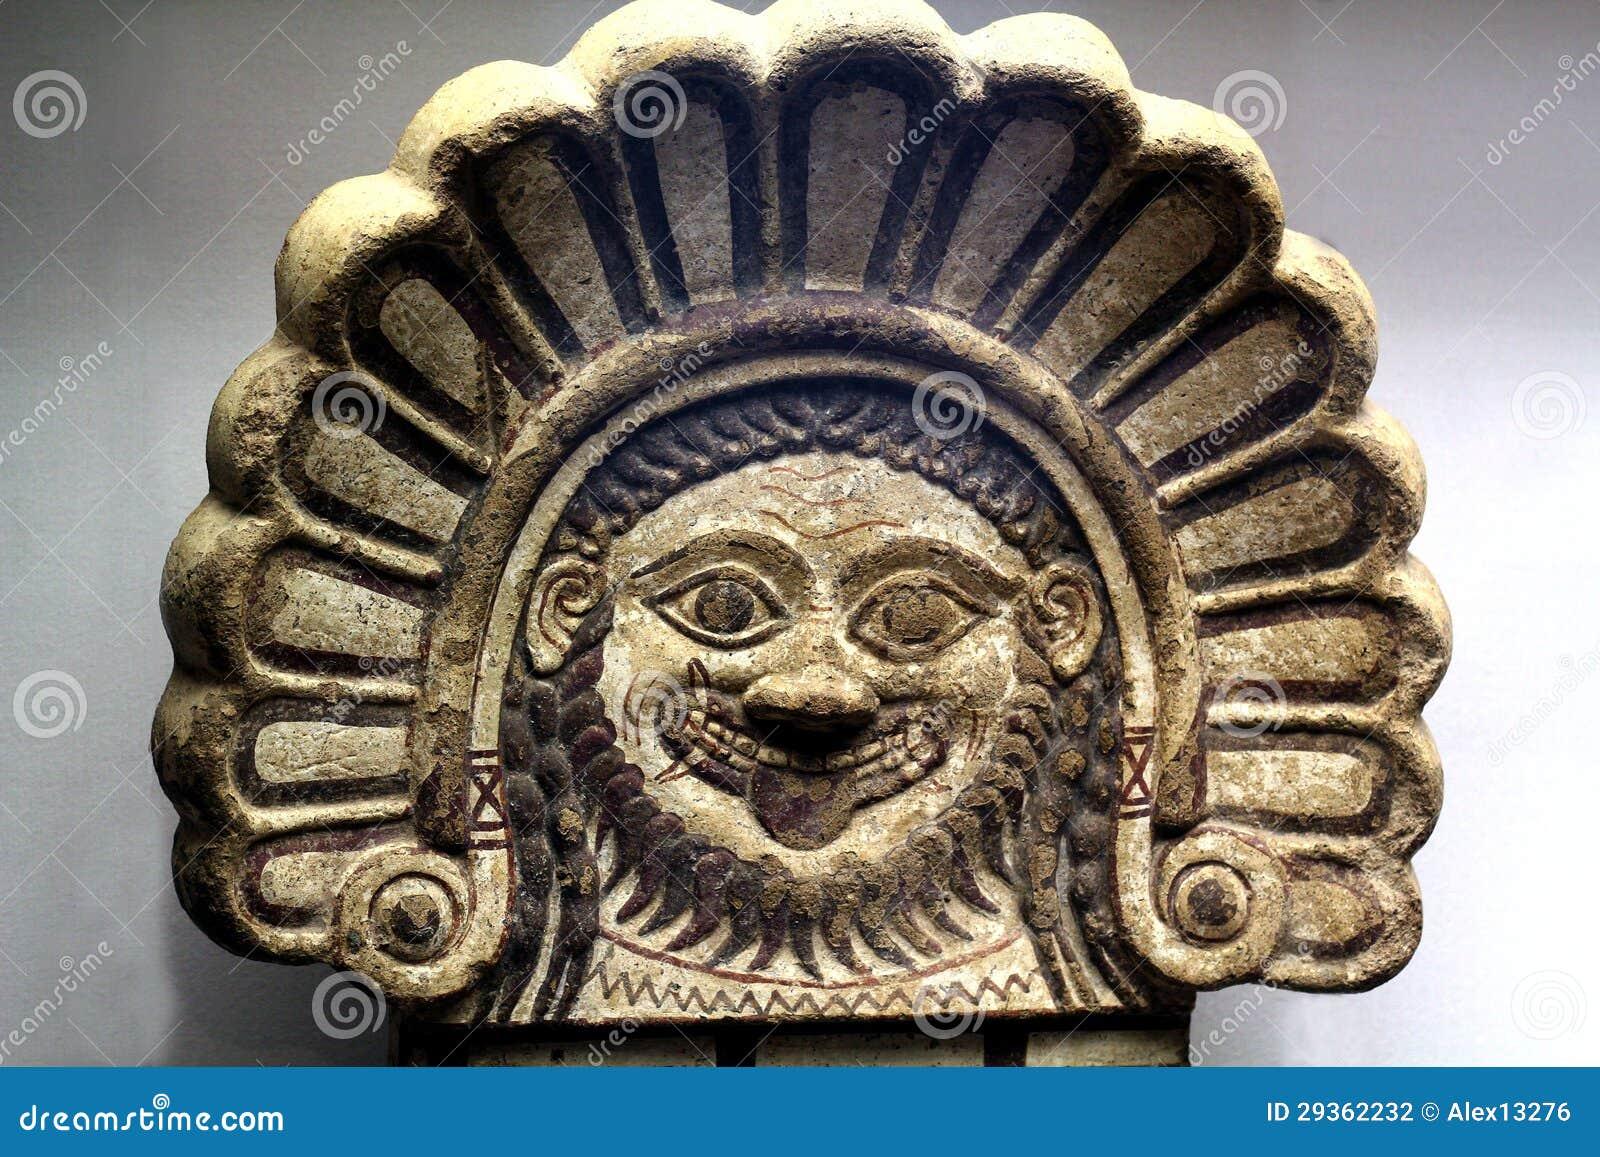 Fotografia stock: maschera antica greca